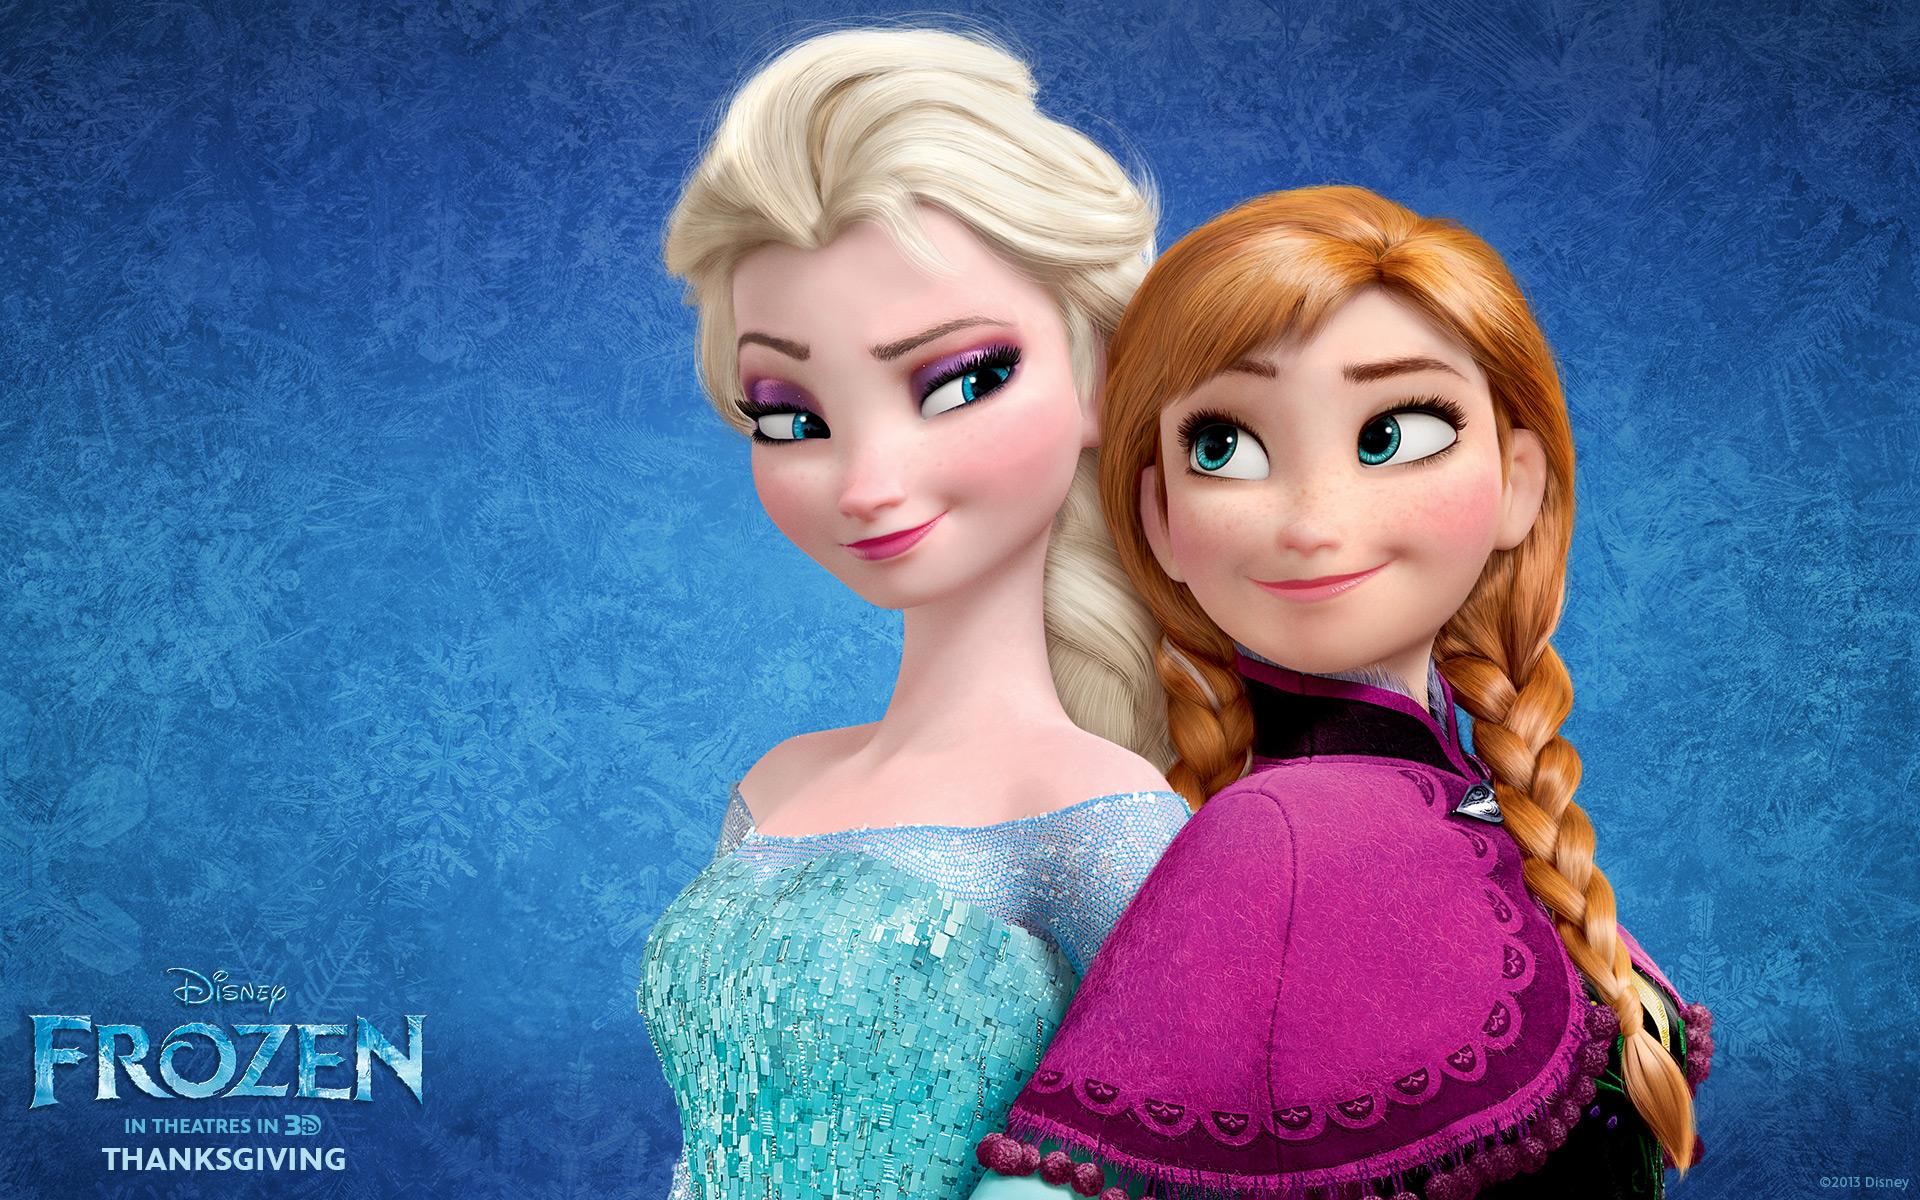 Elsa and Anna Wallpapers   Elsa the Snow Queen Wallpaper 35894662 1920x1200